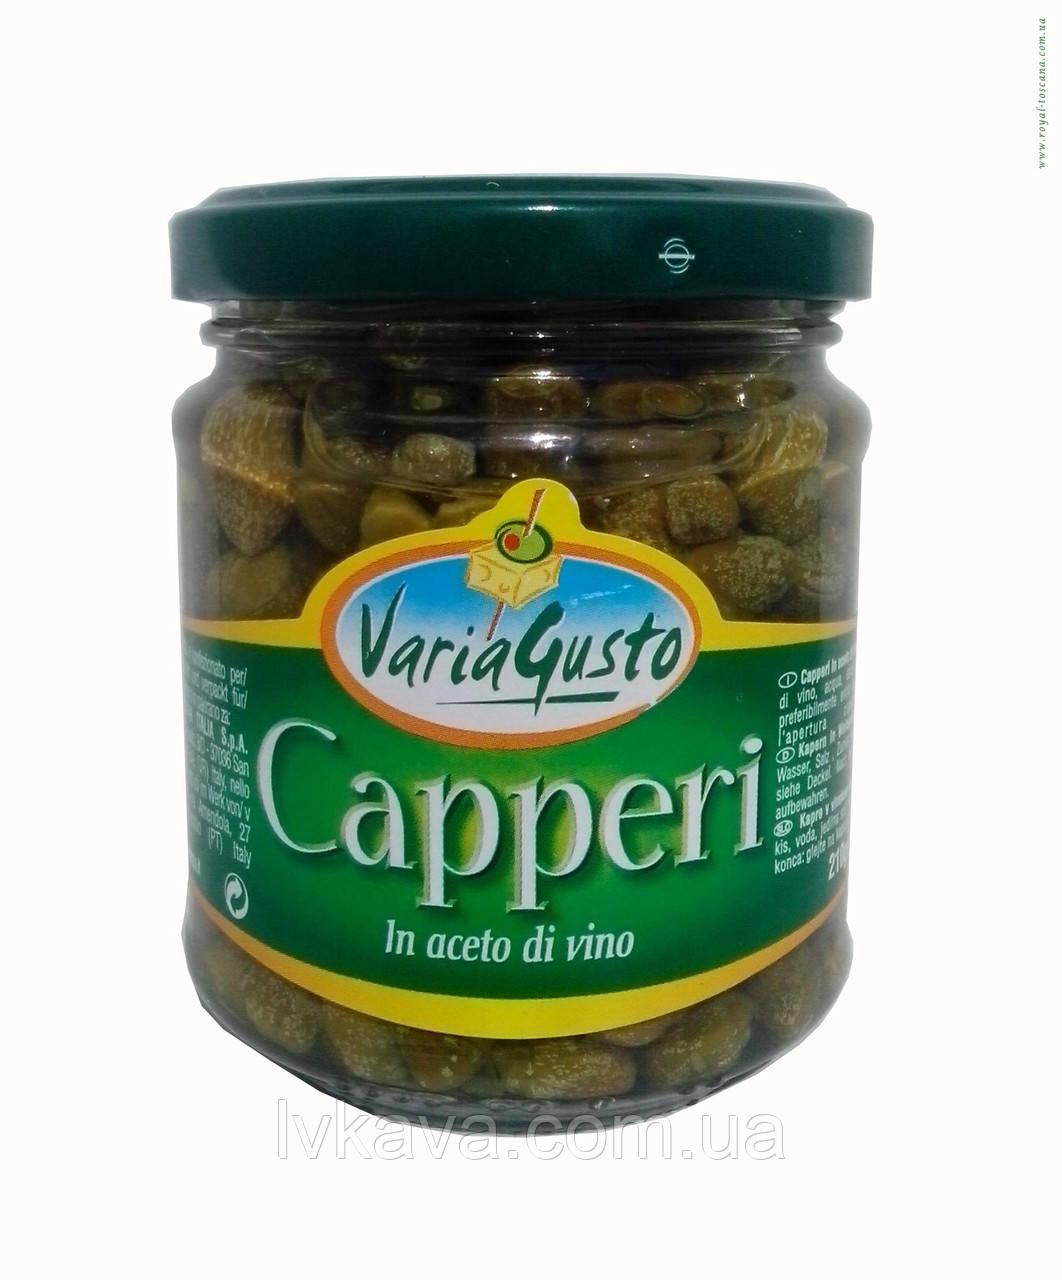 Каперсы Varia Gusto, 210 гр